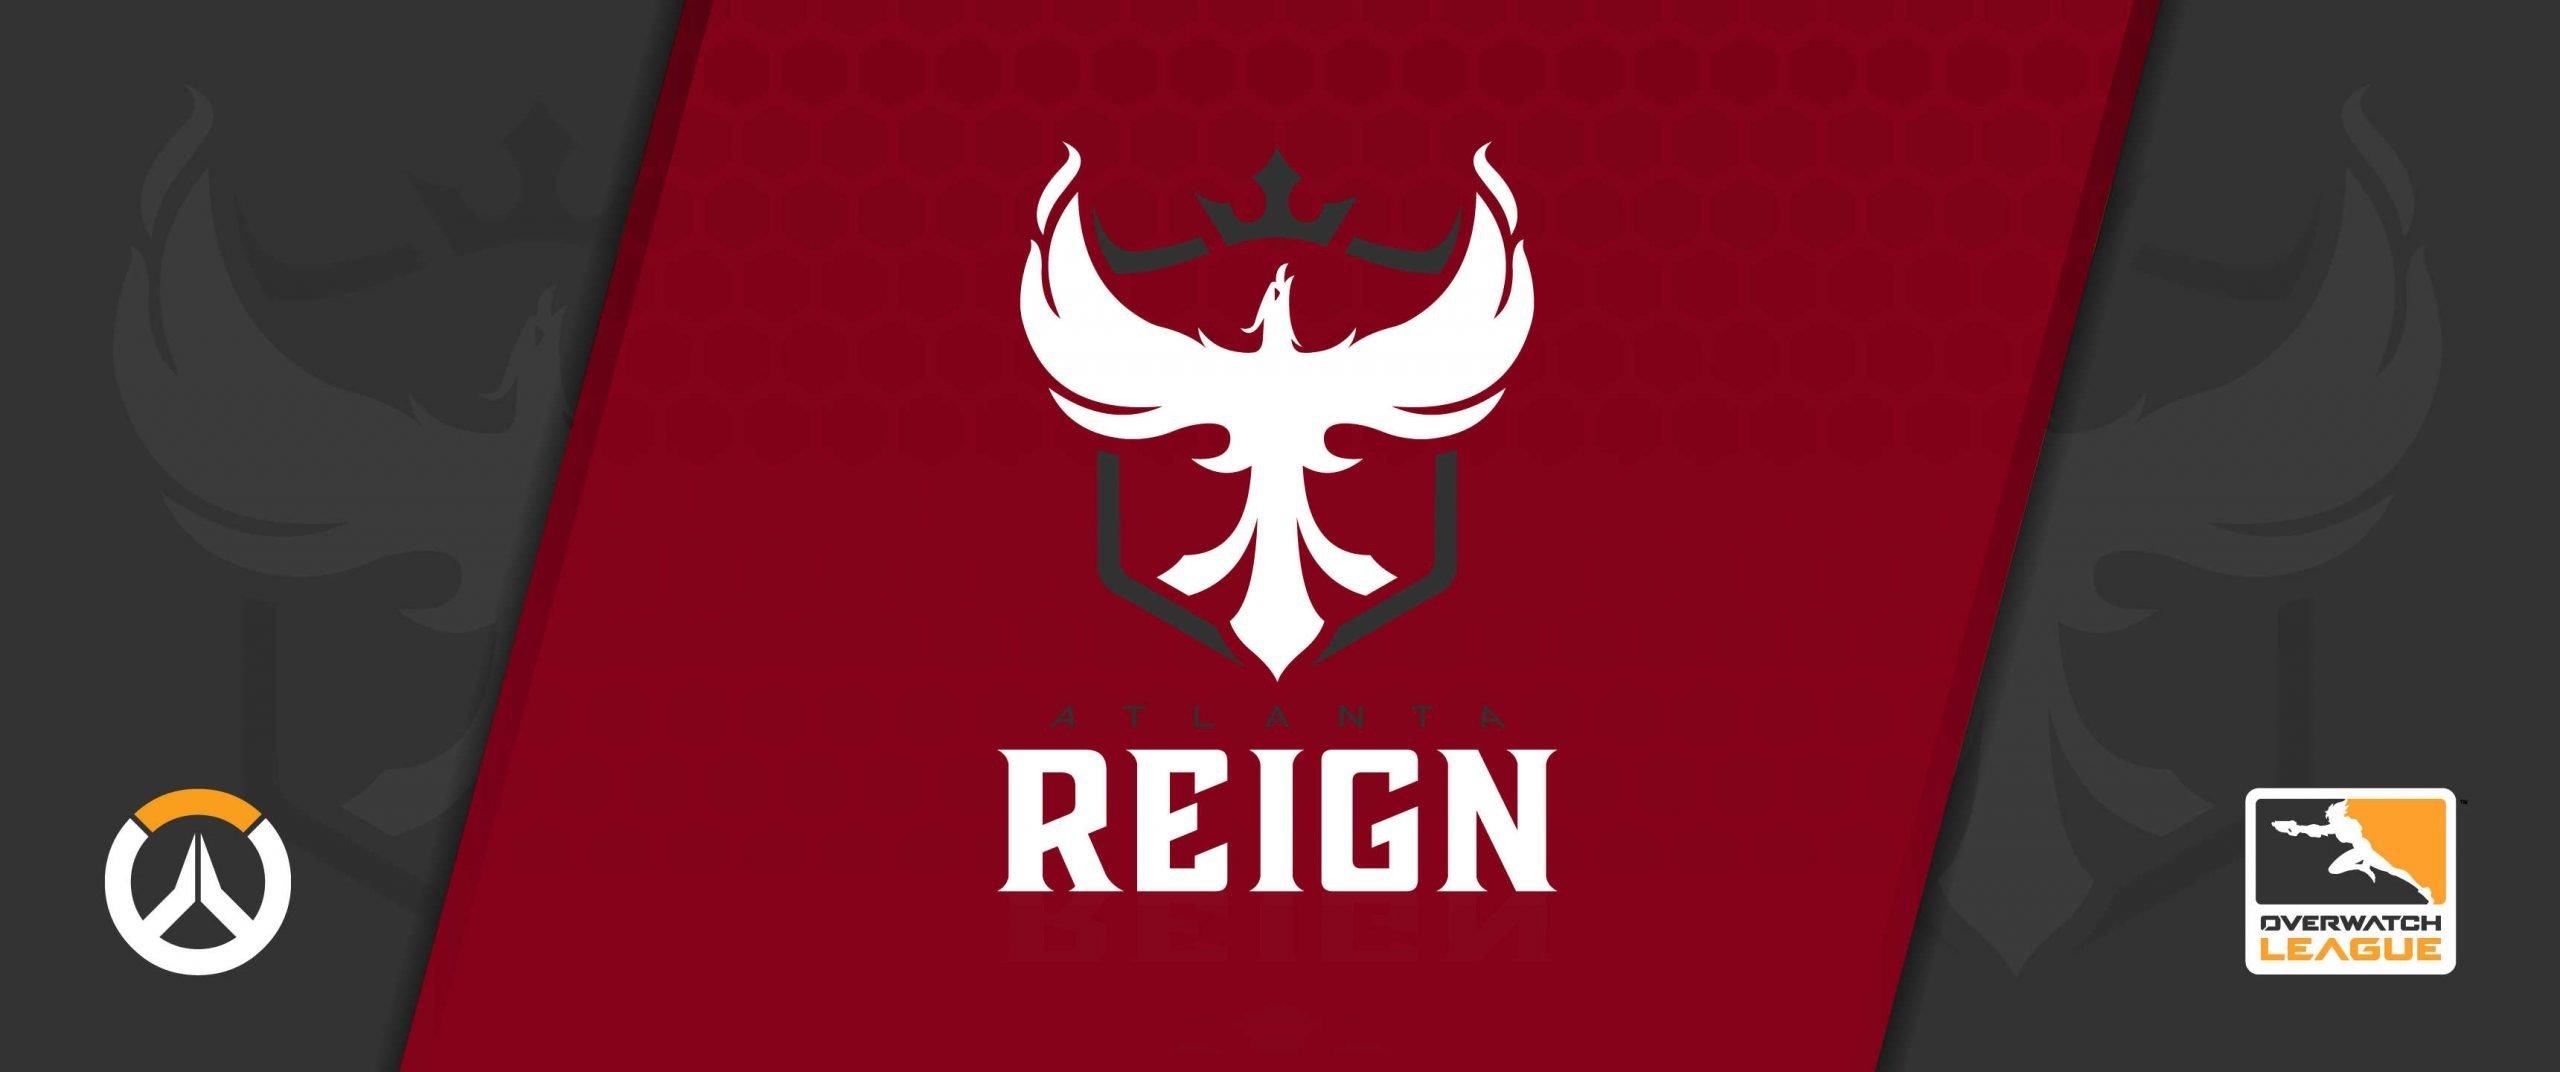 Obzor komandy Atlanta Reign po Overwatch League